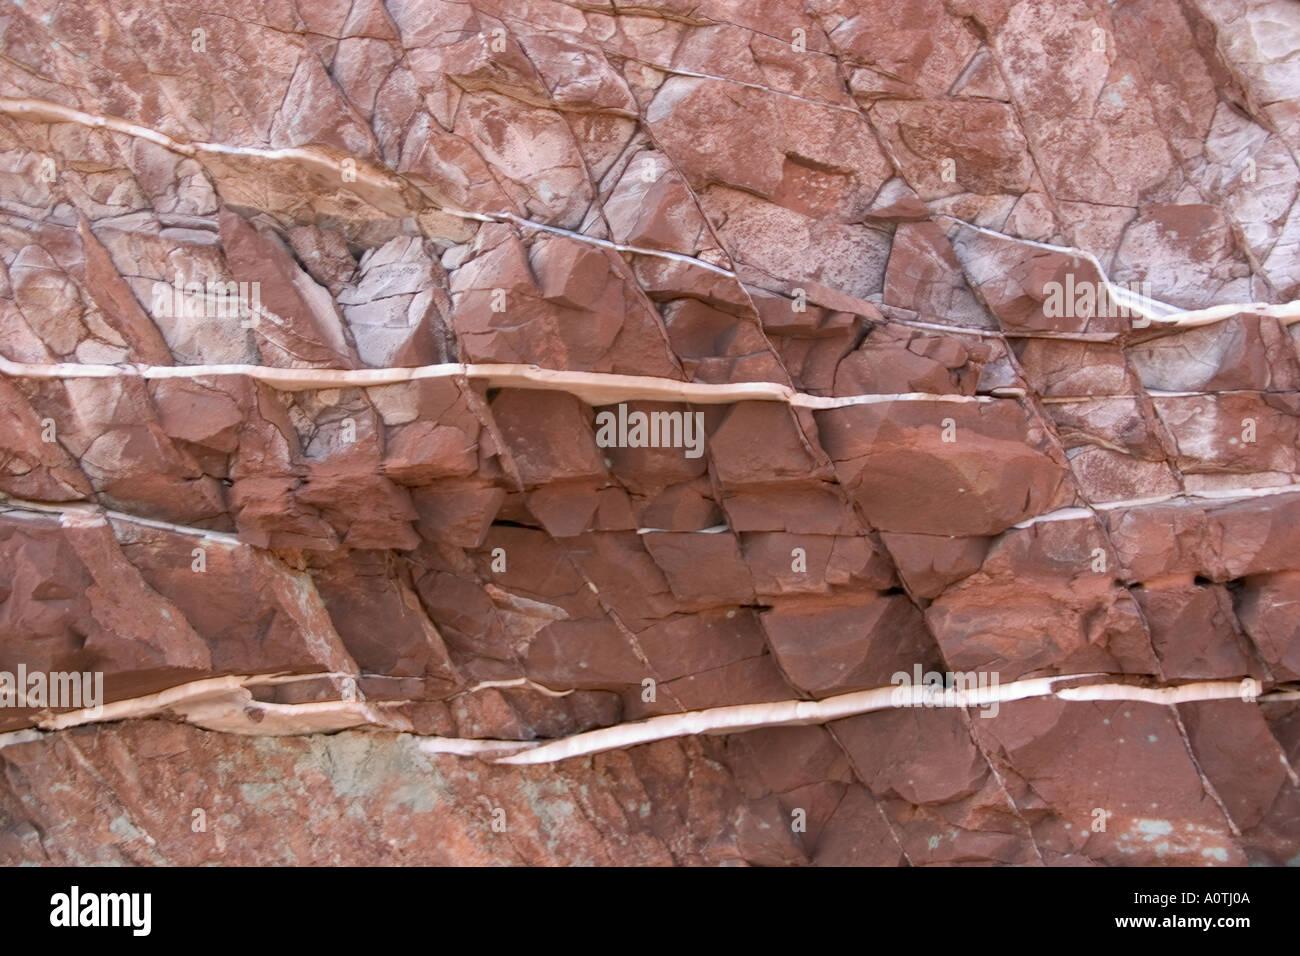 Venas de alabastro en roca sedimentaria Foto de stock